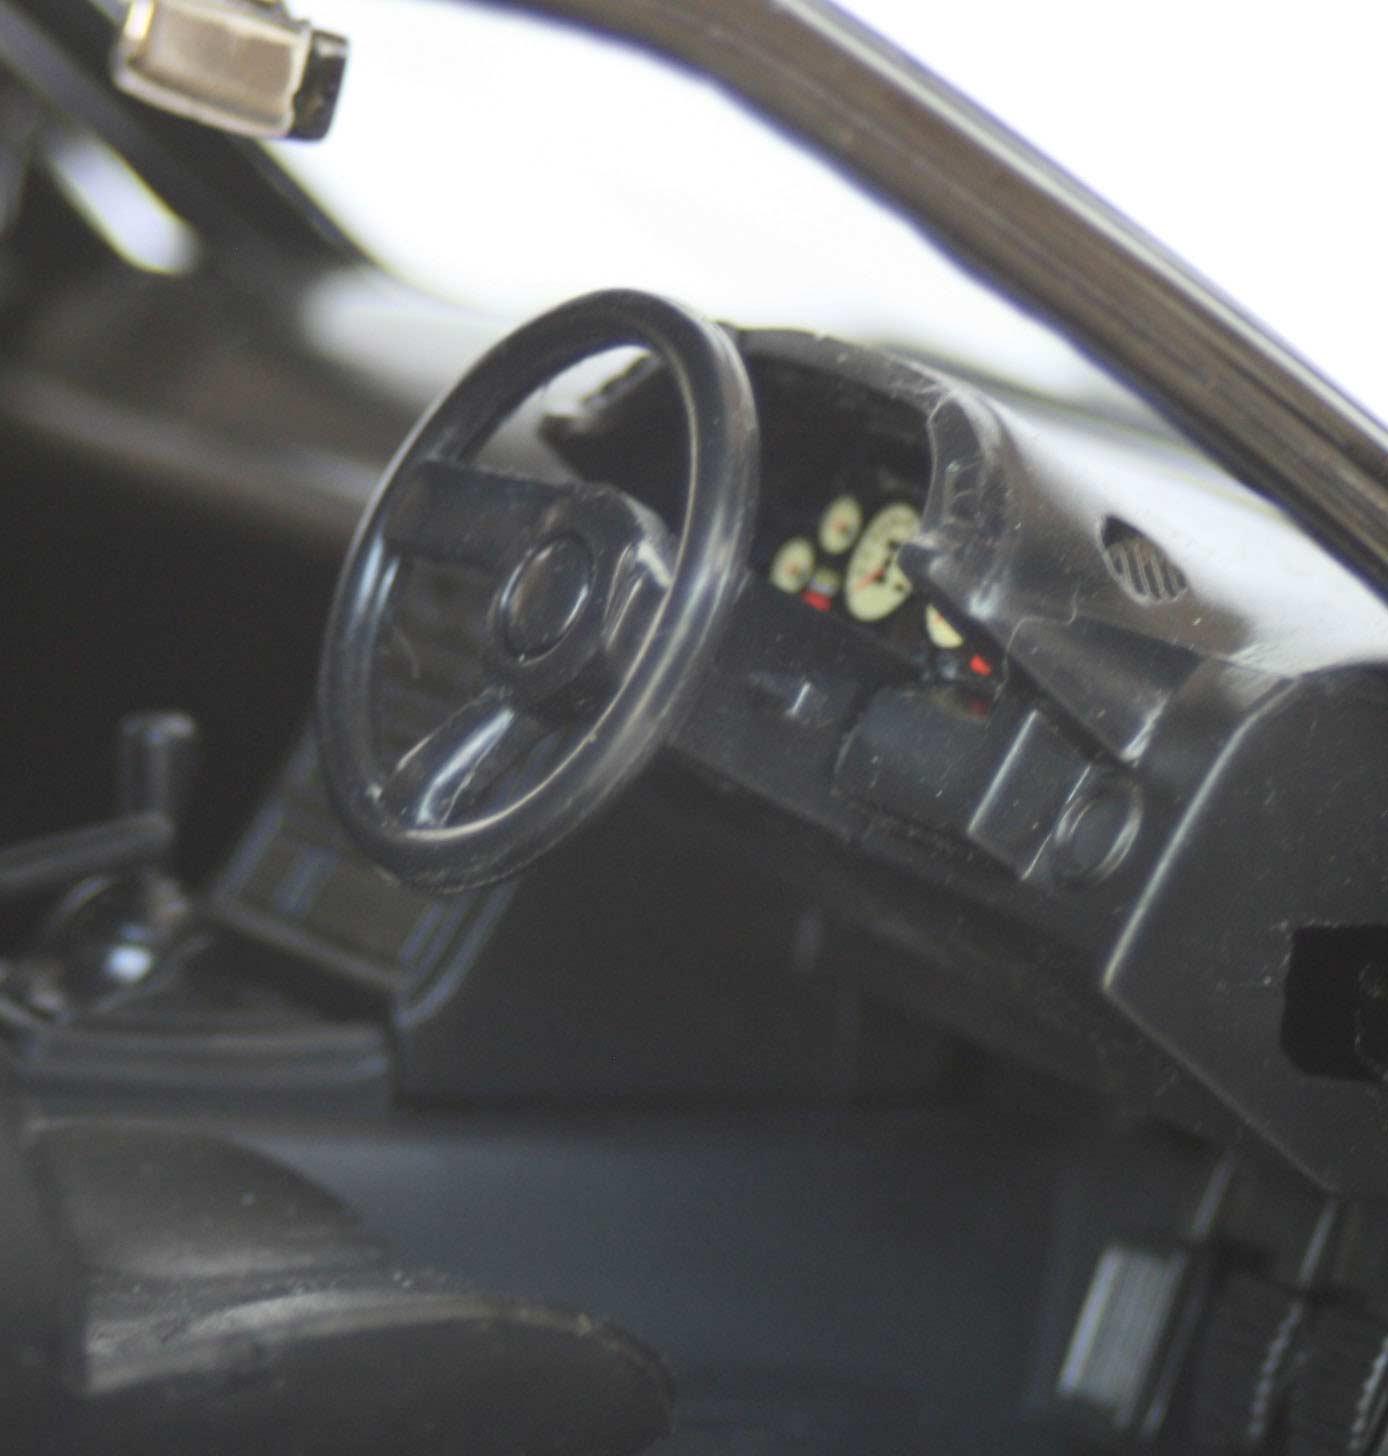 Le volant est celui de la version standard de la GTR